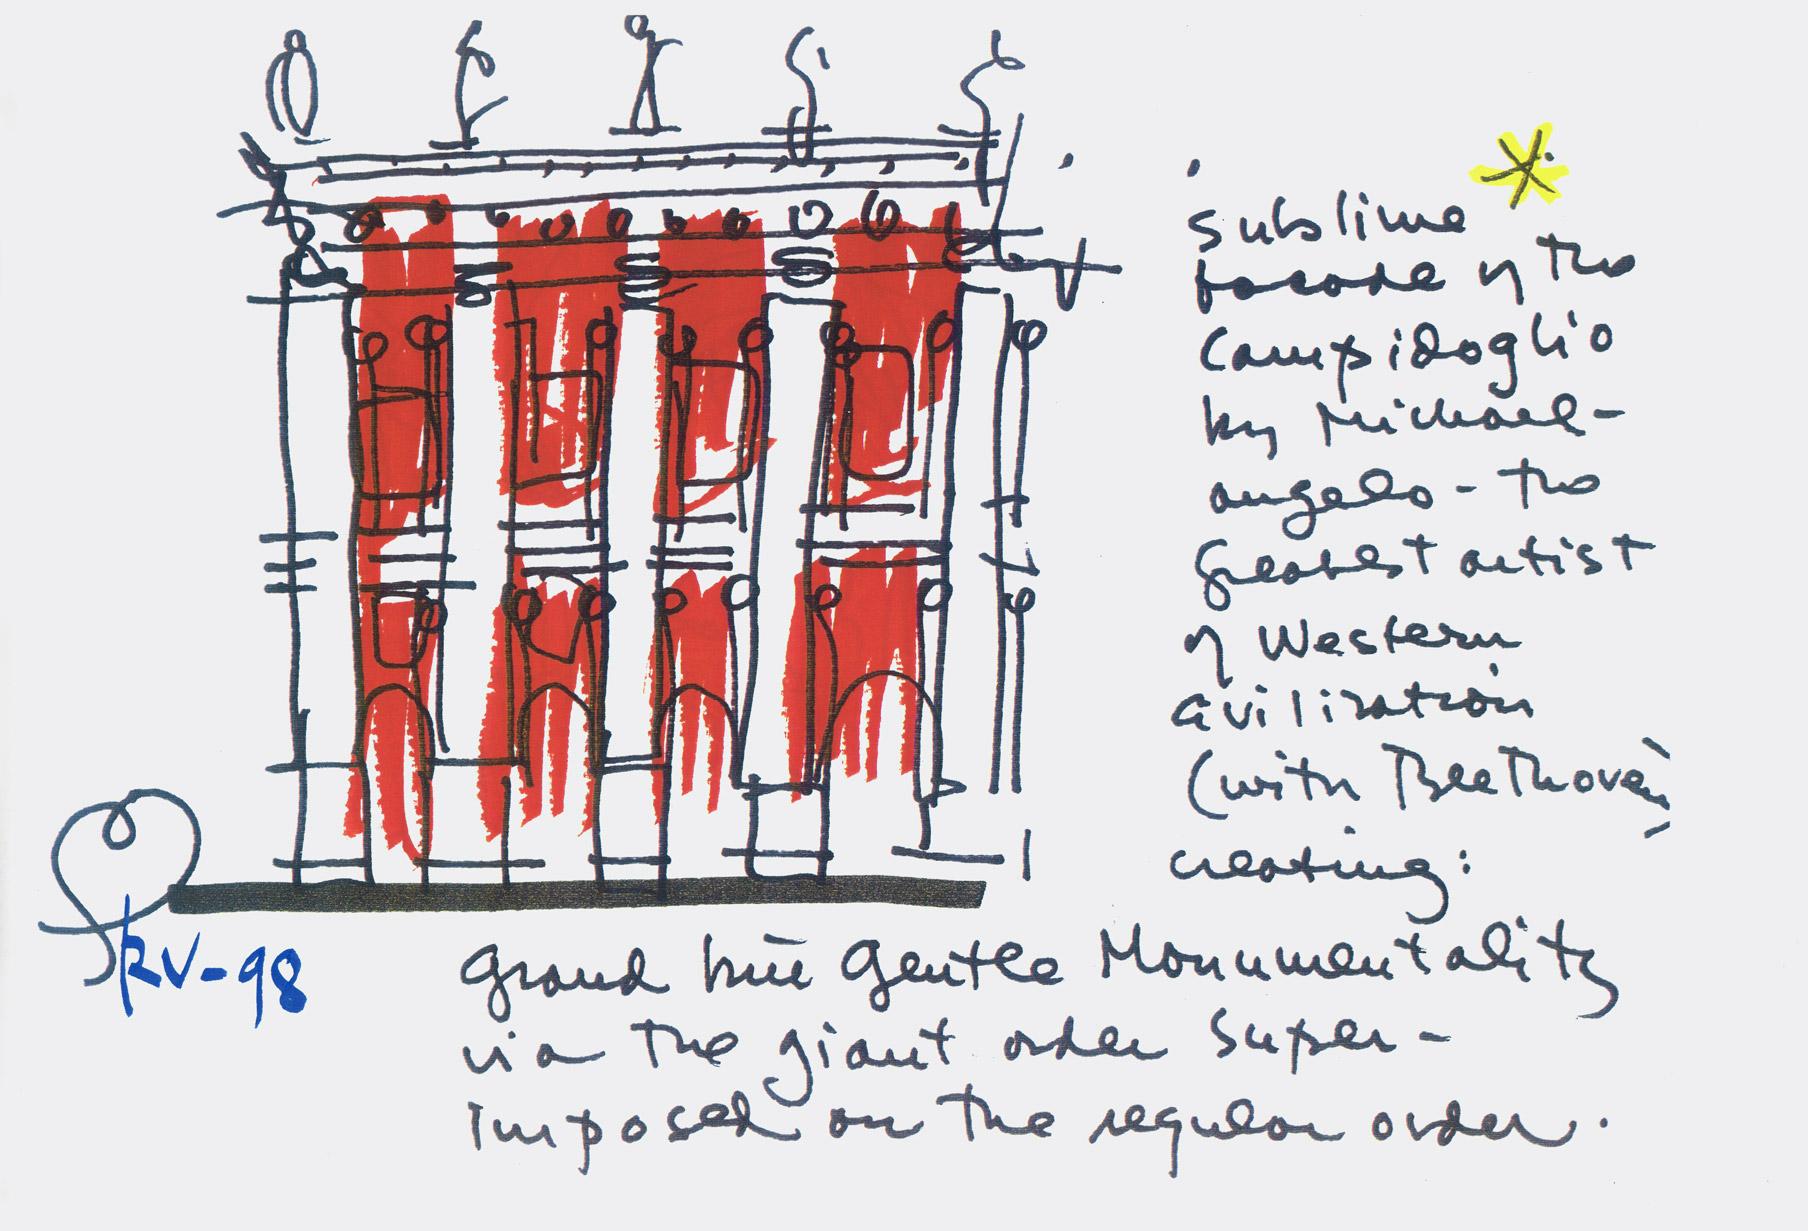 Schizzo n.4 di Robert Venturi